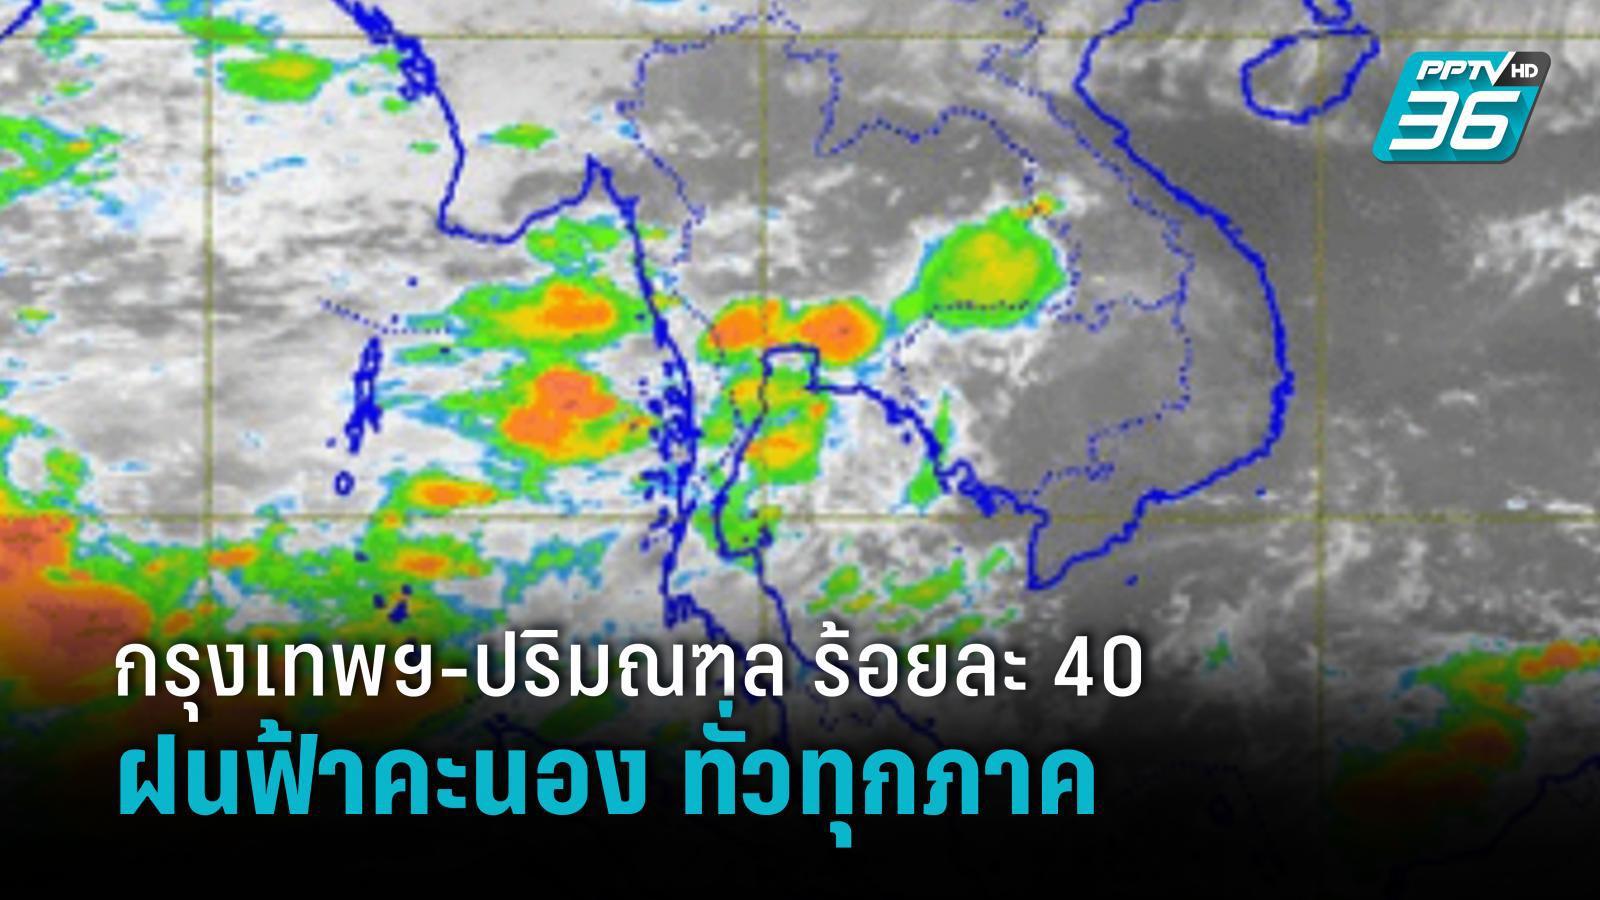 อุตุฯ เตือน ฝนฟ้าคะนอง ทั่วทุกภาค กรุงเทพฯ-ปริมณฑล ร้อยละ 40